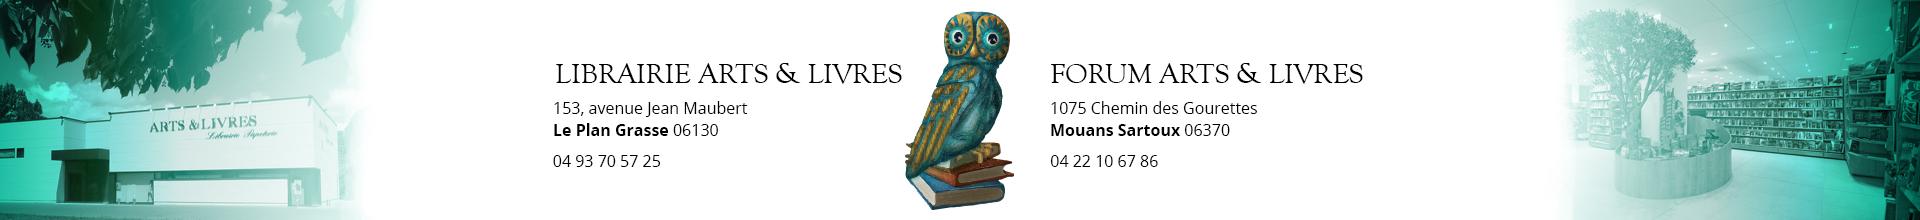 Arts & Livres